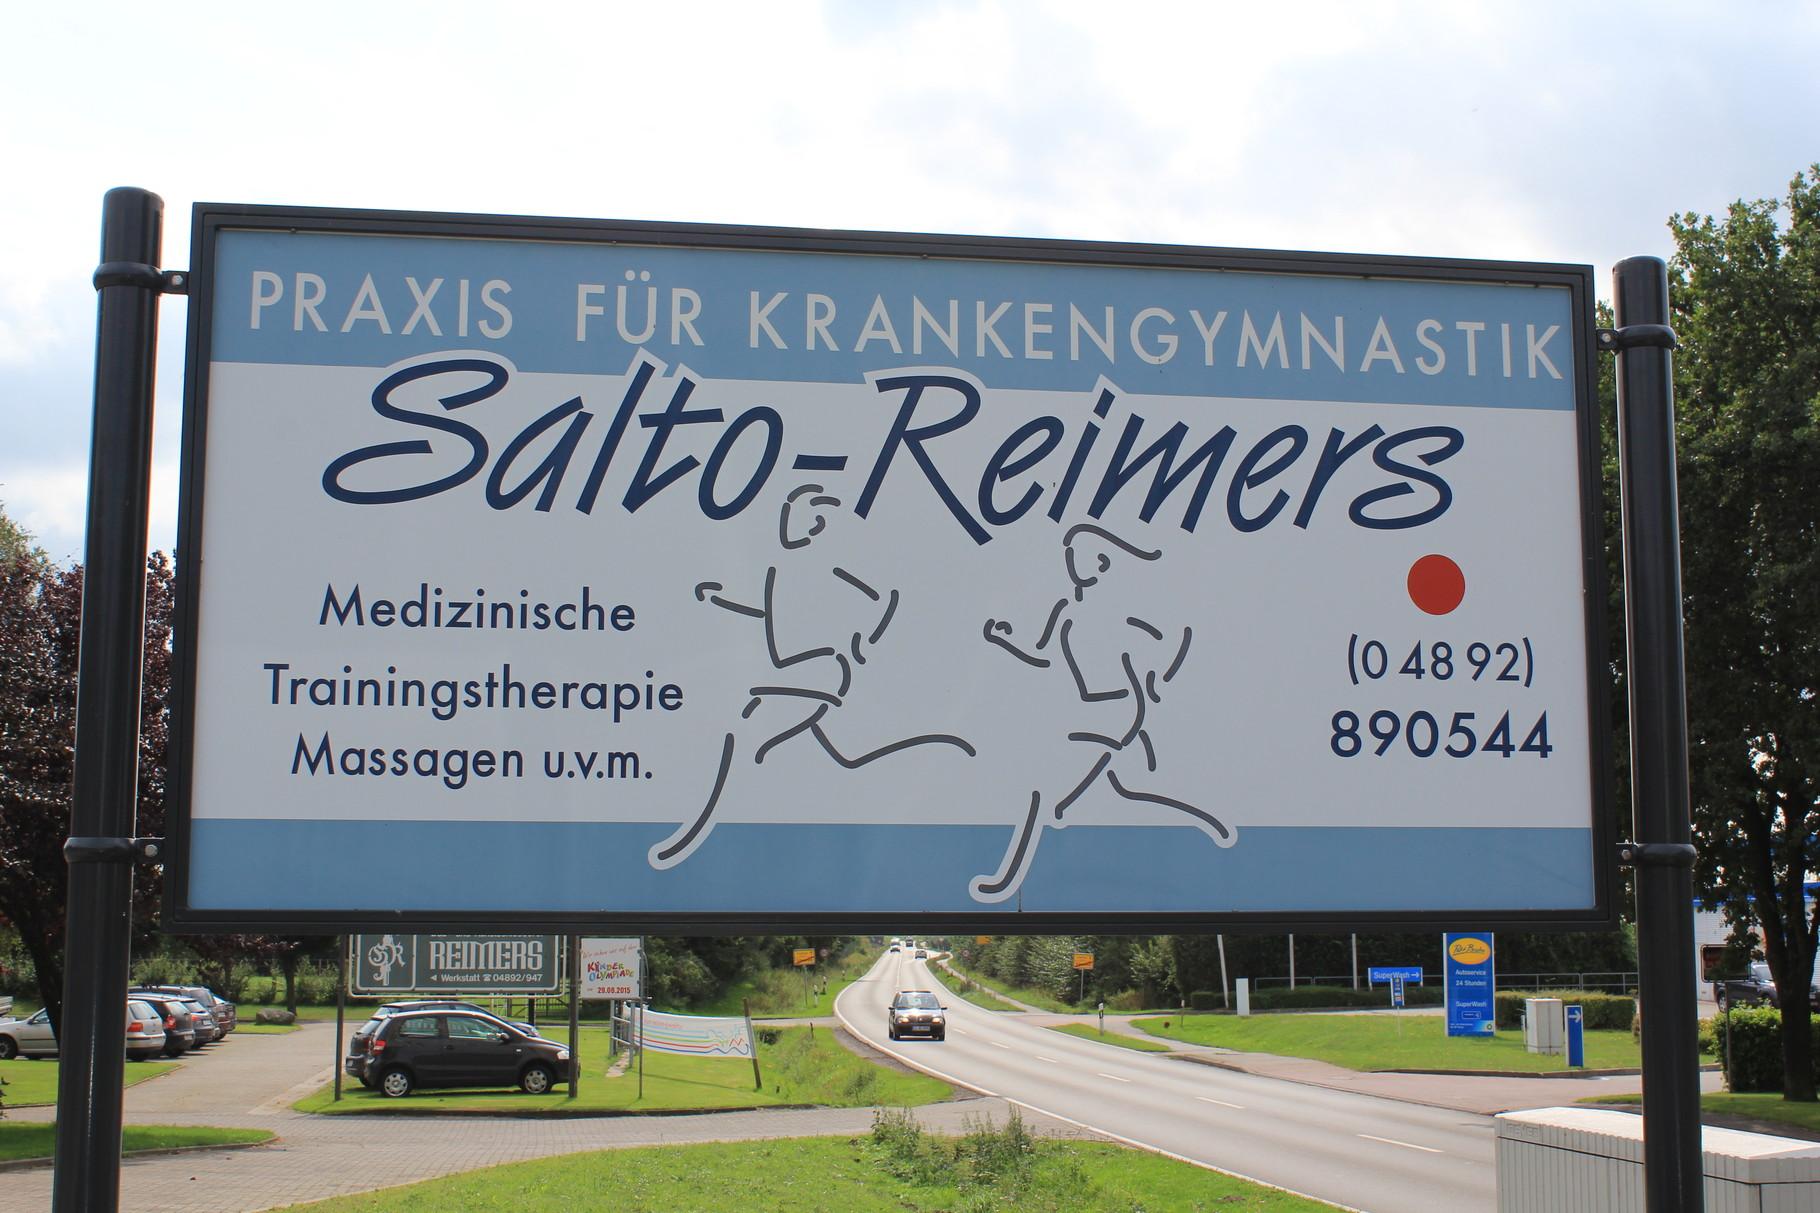 Lage am Ortsbeginn Schenefeld/Richtung Itzehoe